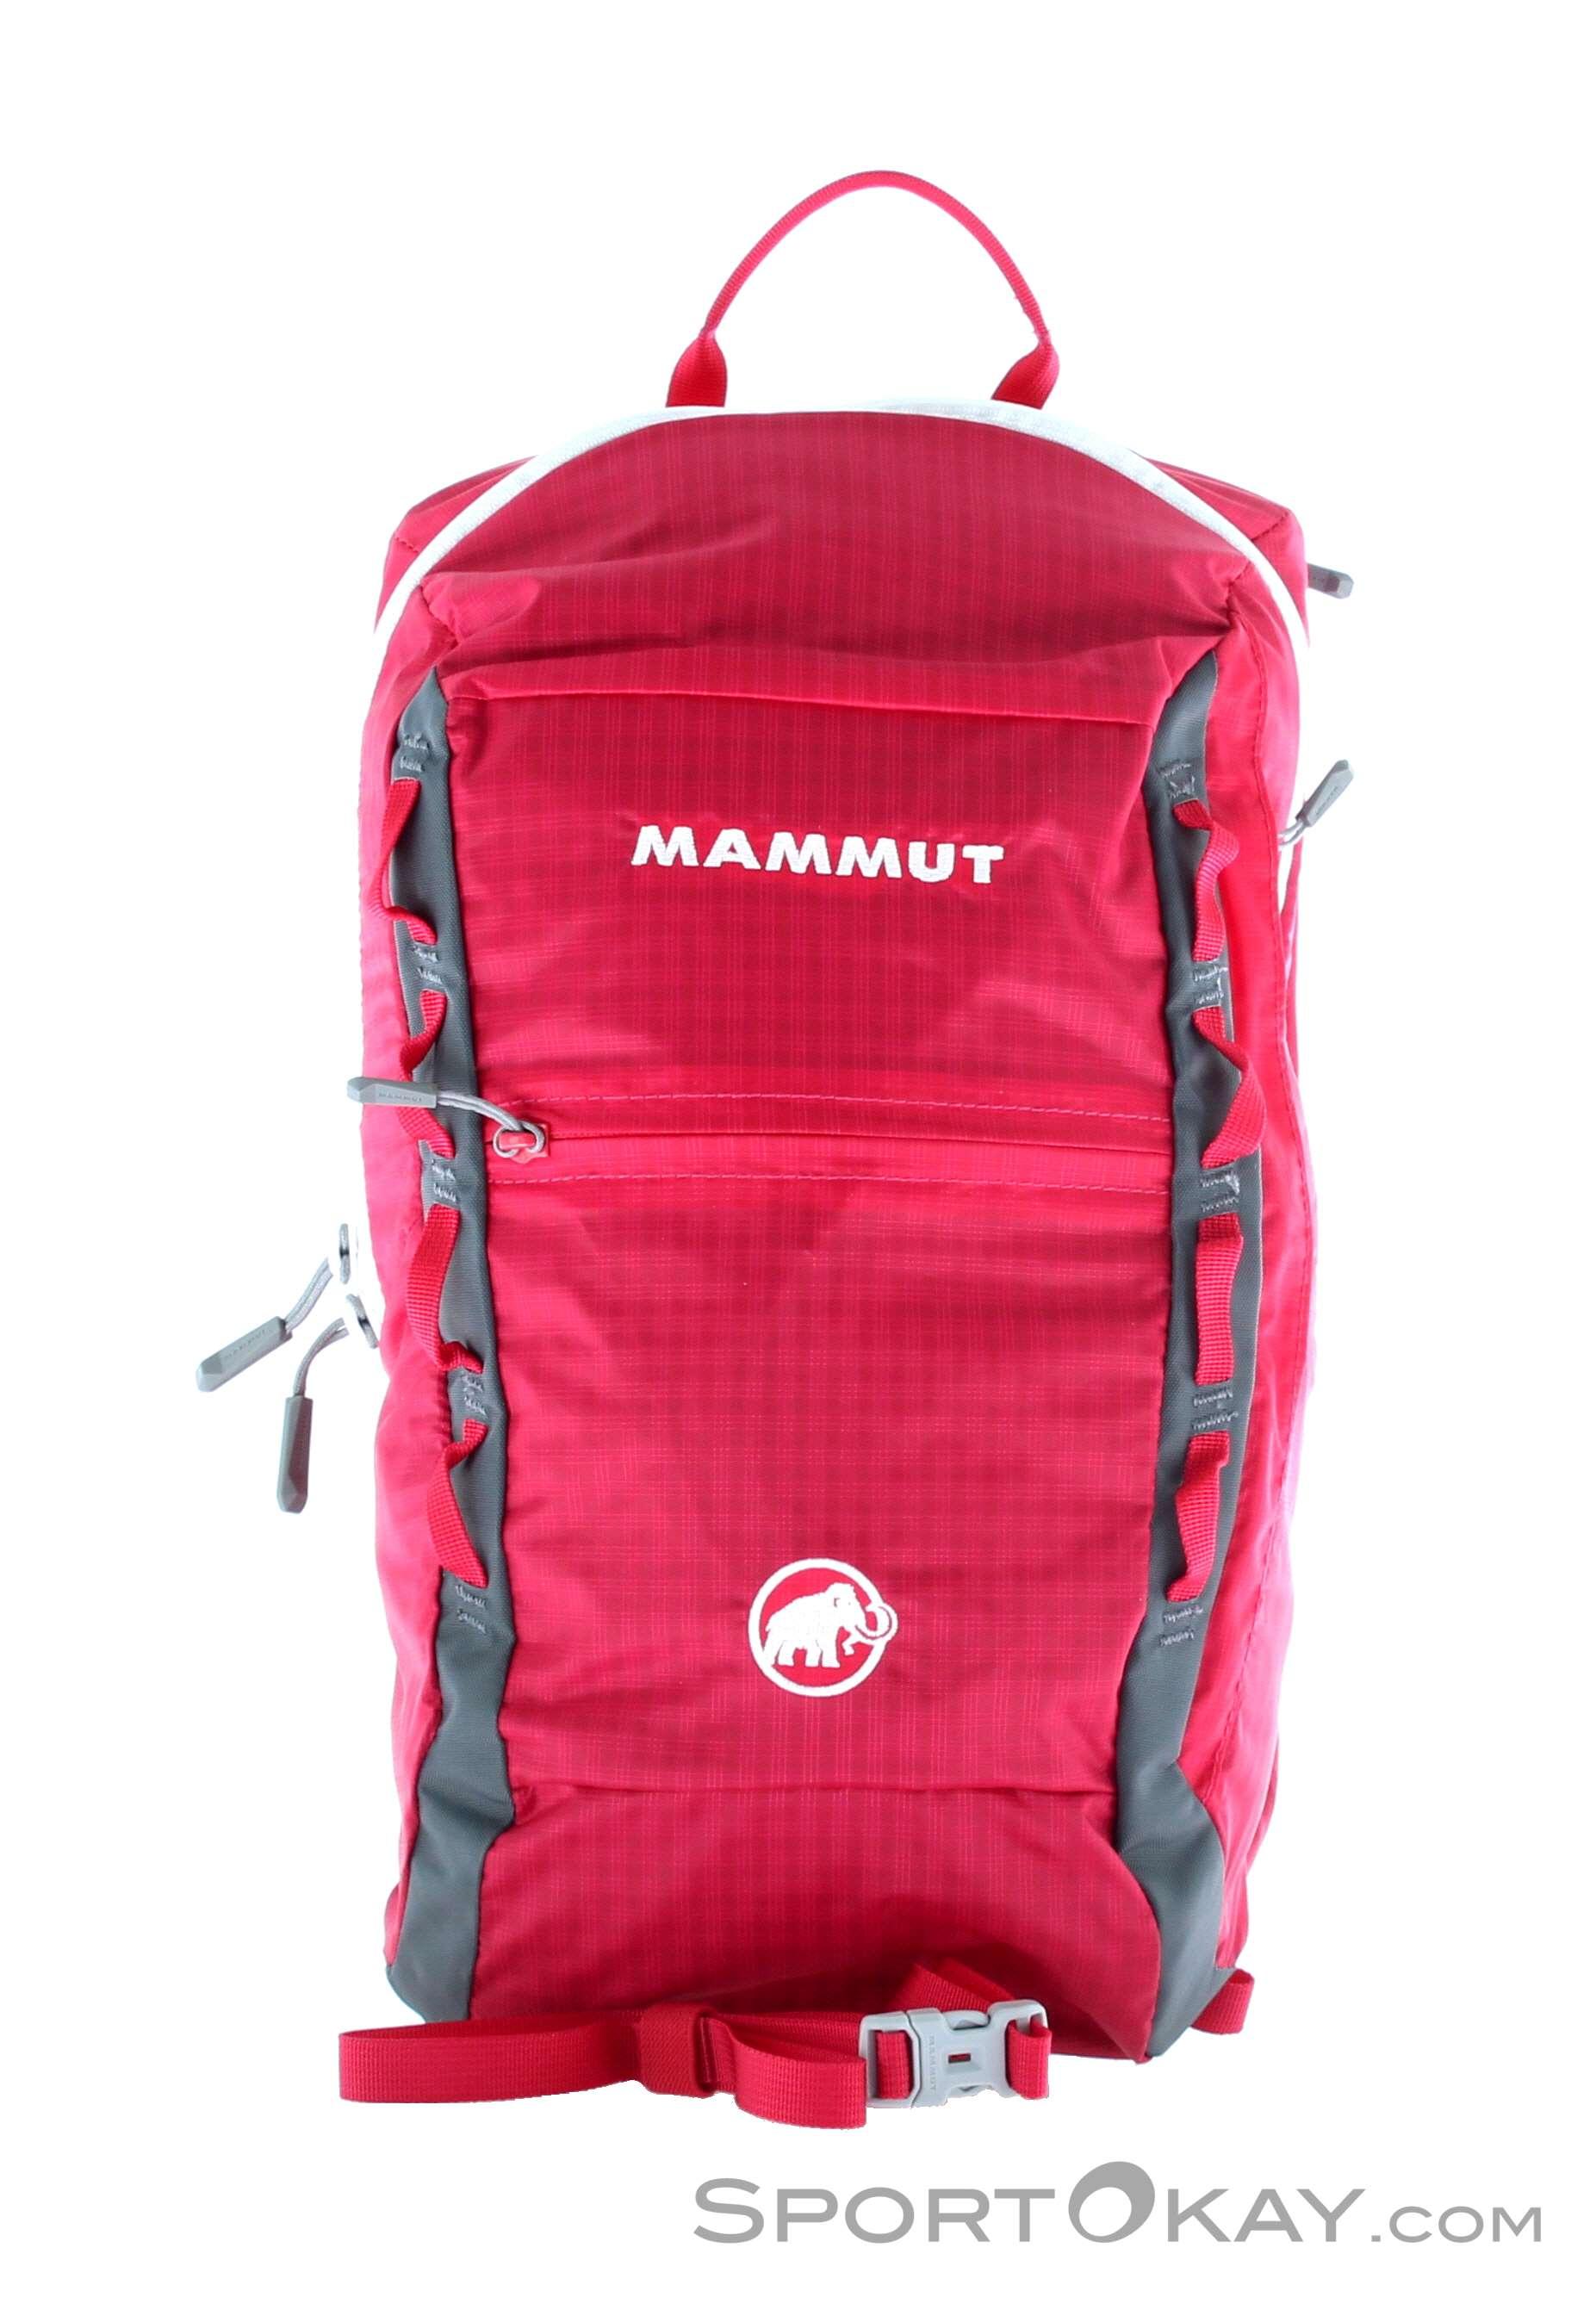 Mammut Neon Light 12l Rucksack, Mammut, Pink-Rosa, , Herren, 0014-10424, 5637522578, 7630039870317, N1-01.jpg